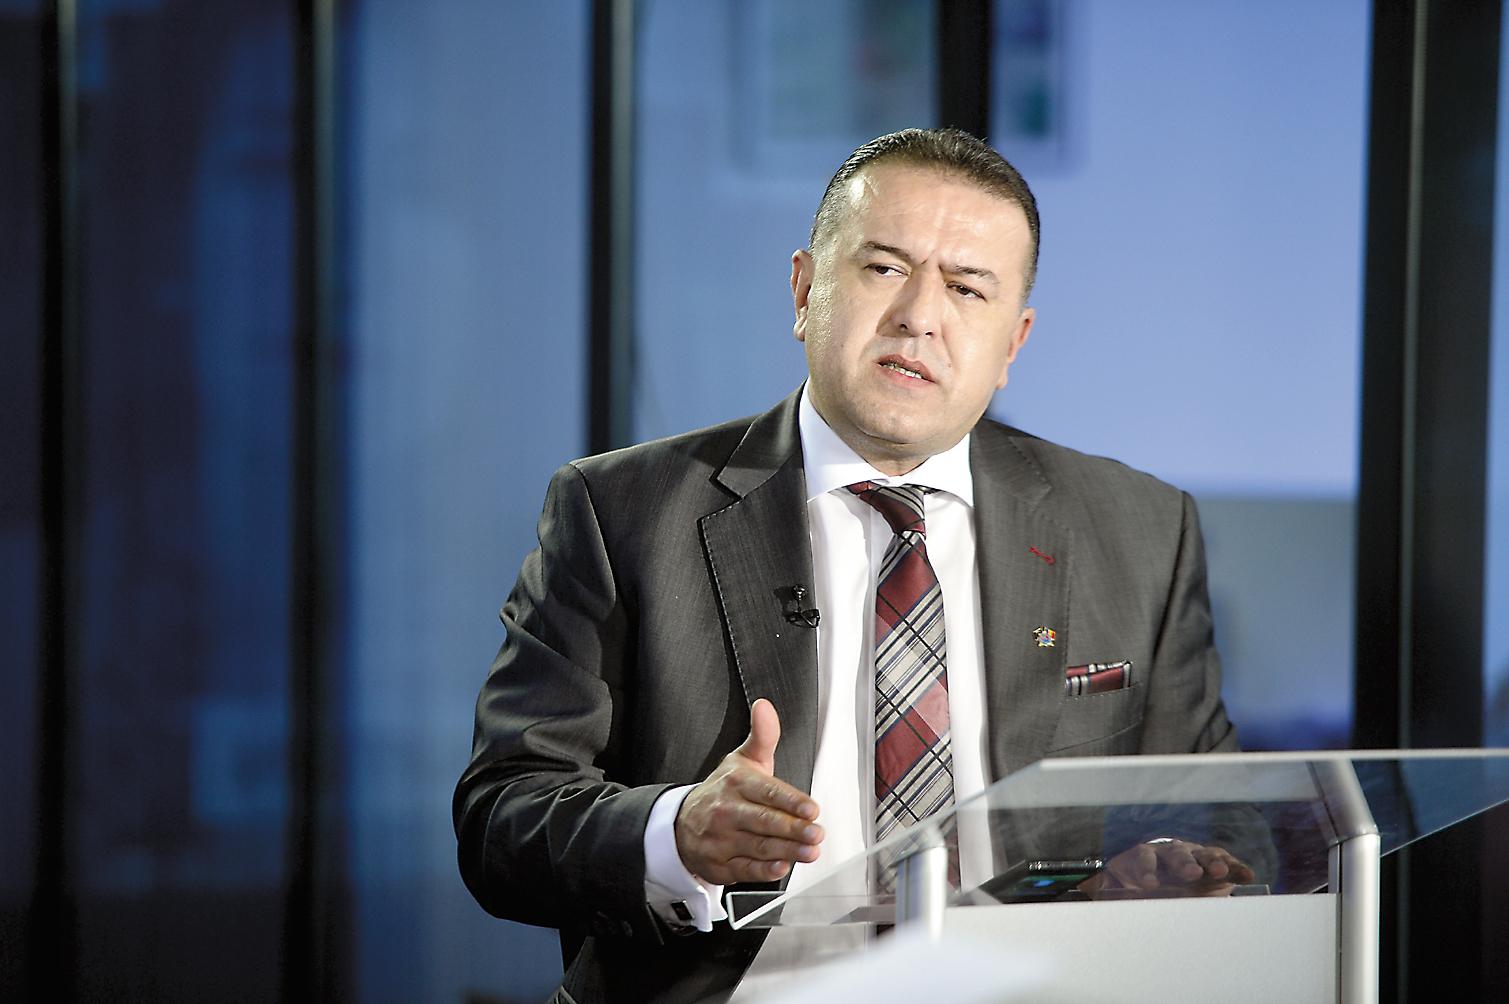 """Camera de Comerţ şi Industrie atacă propunerile Finanţelor: """"Măsurile de supraimpozitare anunţate de guvern se constituie într-o lovitură gravă la adresa stabilităţii economice a României, cu efecte puternic negative asupra companiilor"""""""